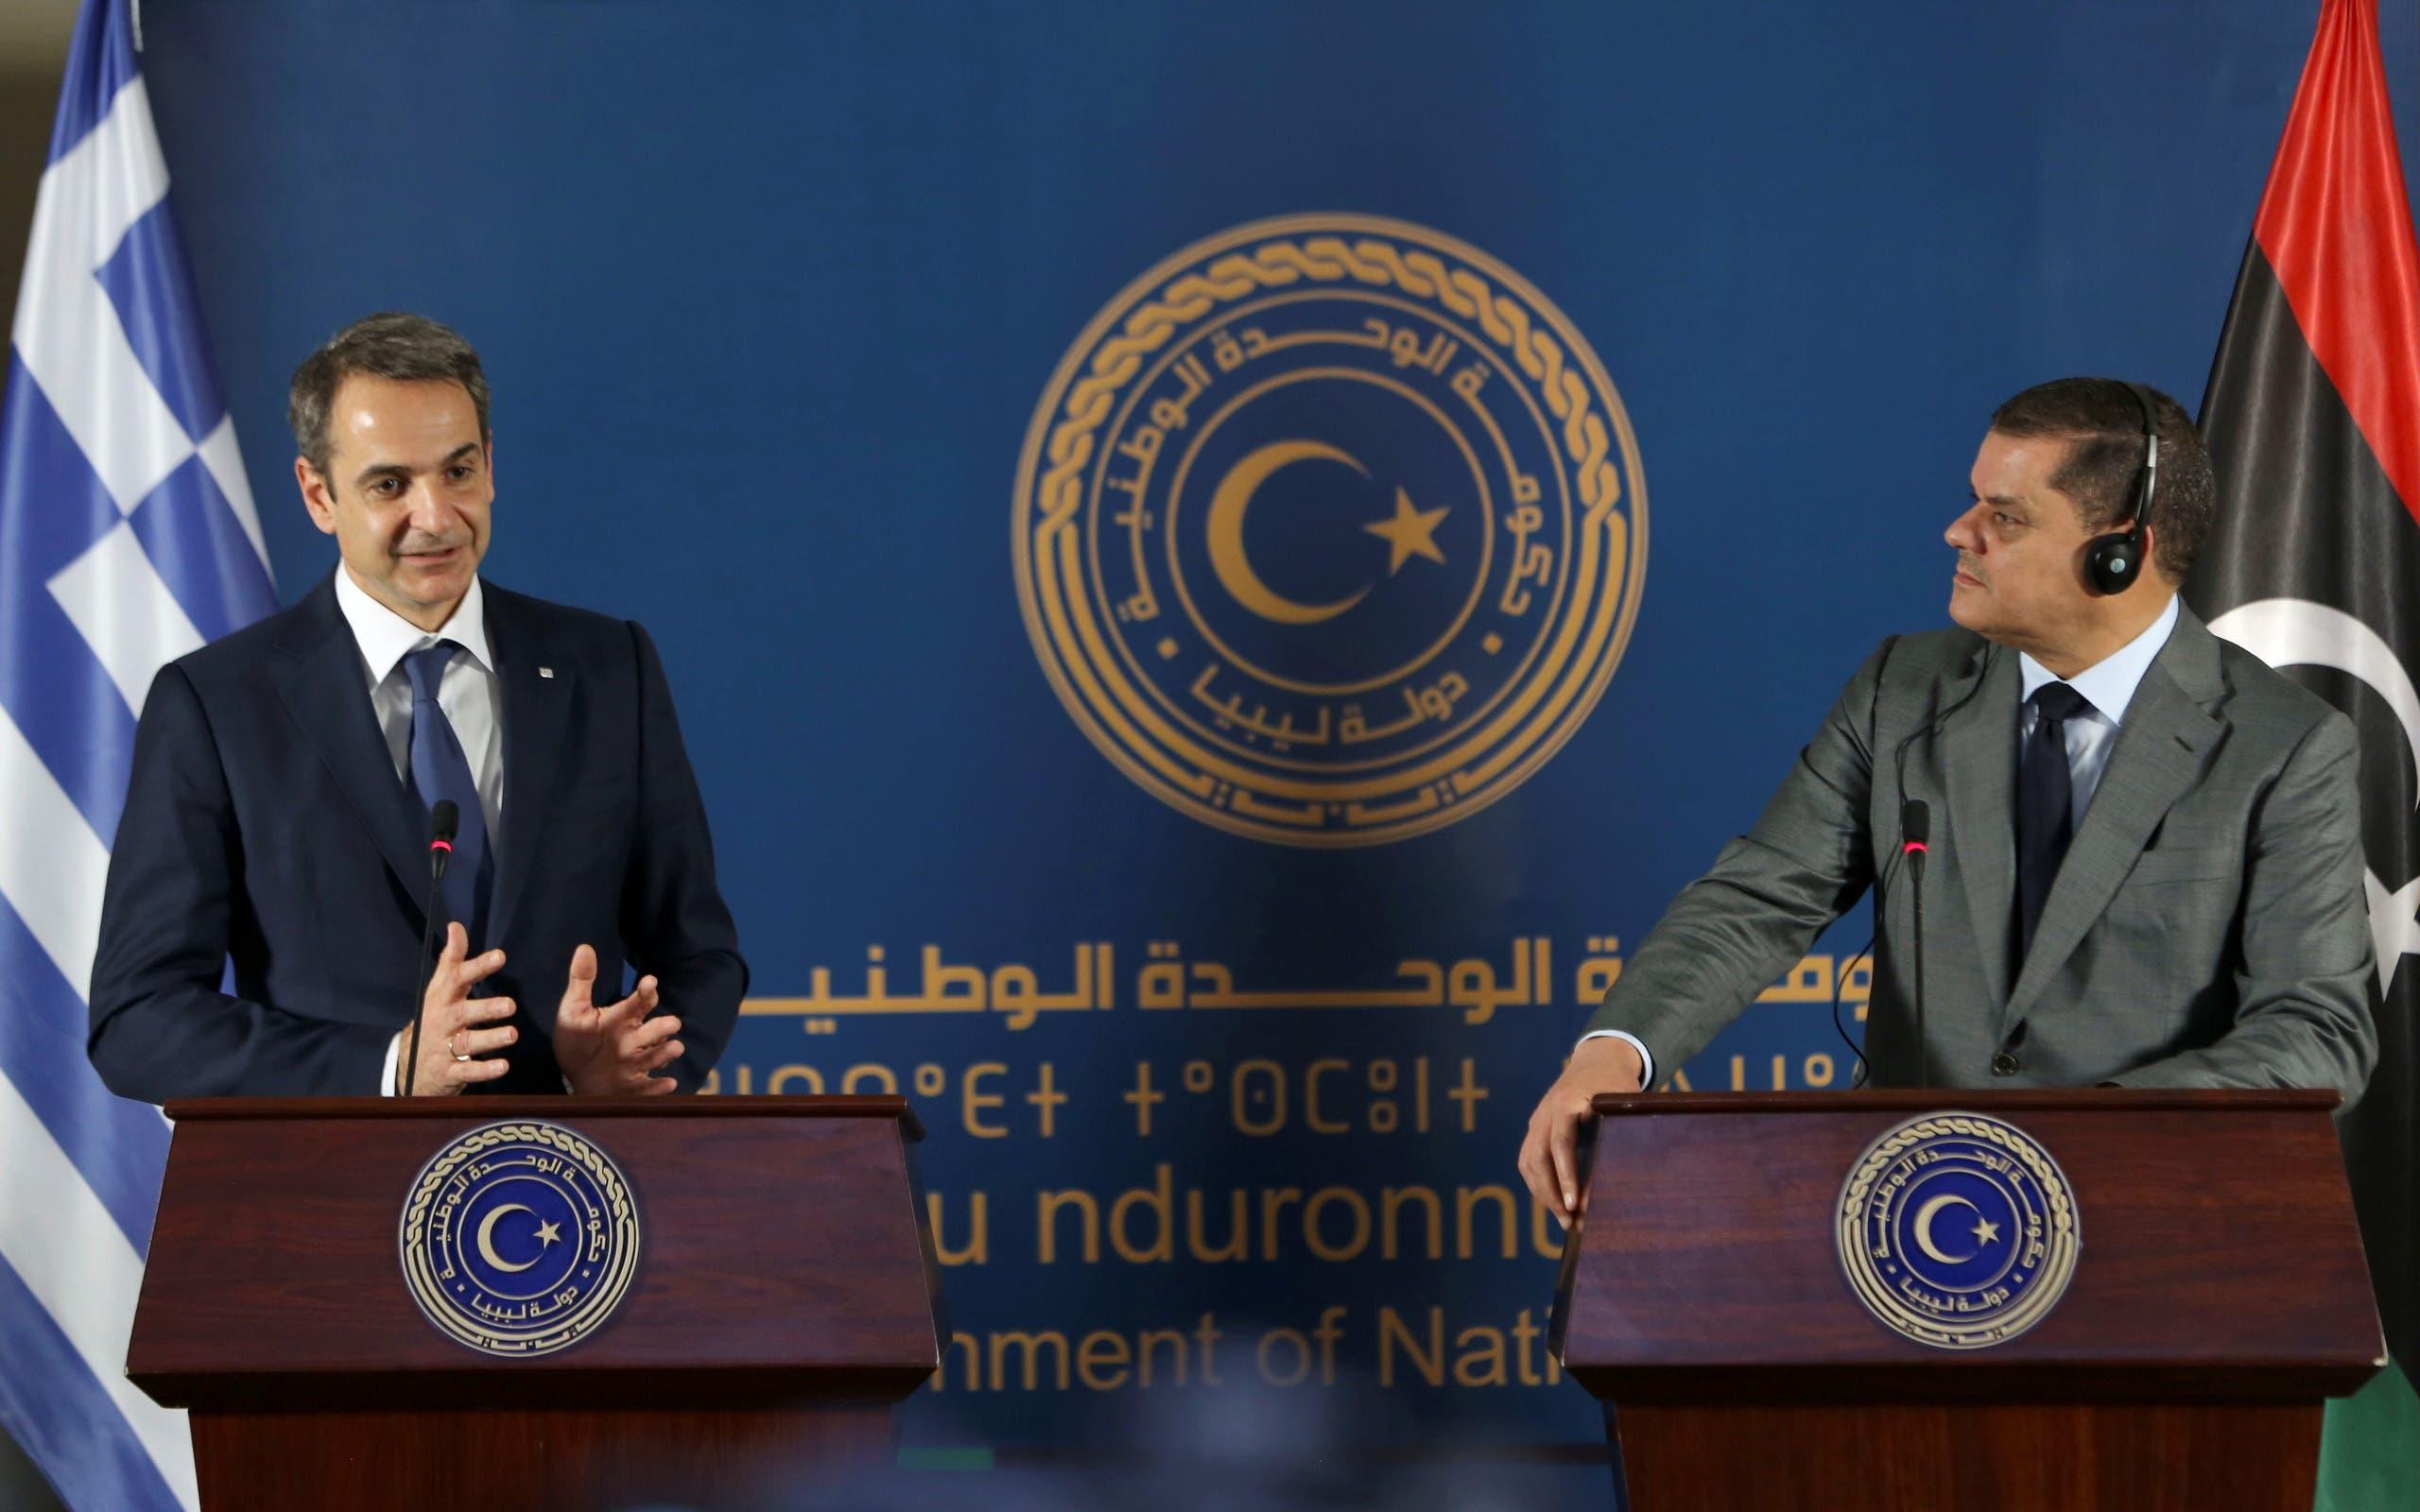 رئيس الوزراء كيرياكوس ميتسوتاكيس خلال مؤتمر صحفي بطرابلس مع رئيس الحكومة عبدالمجيد الدبيبة